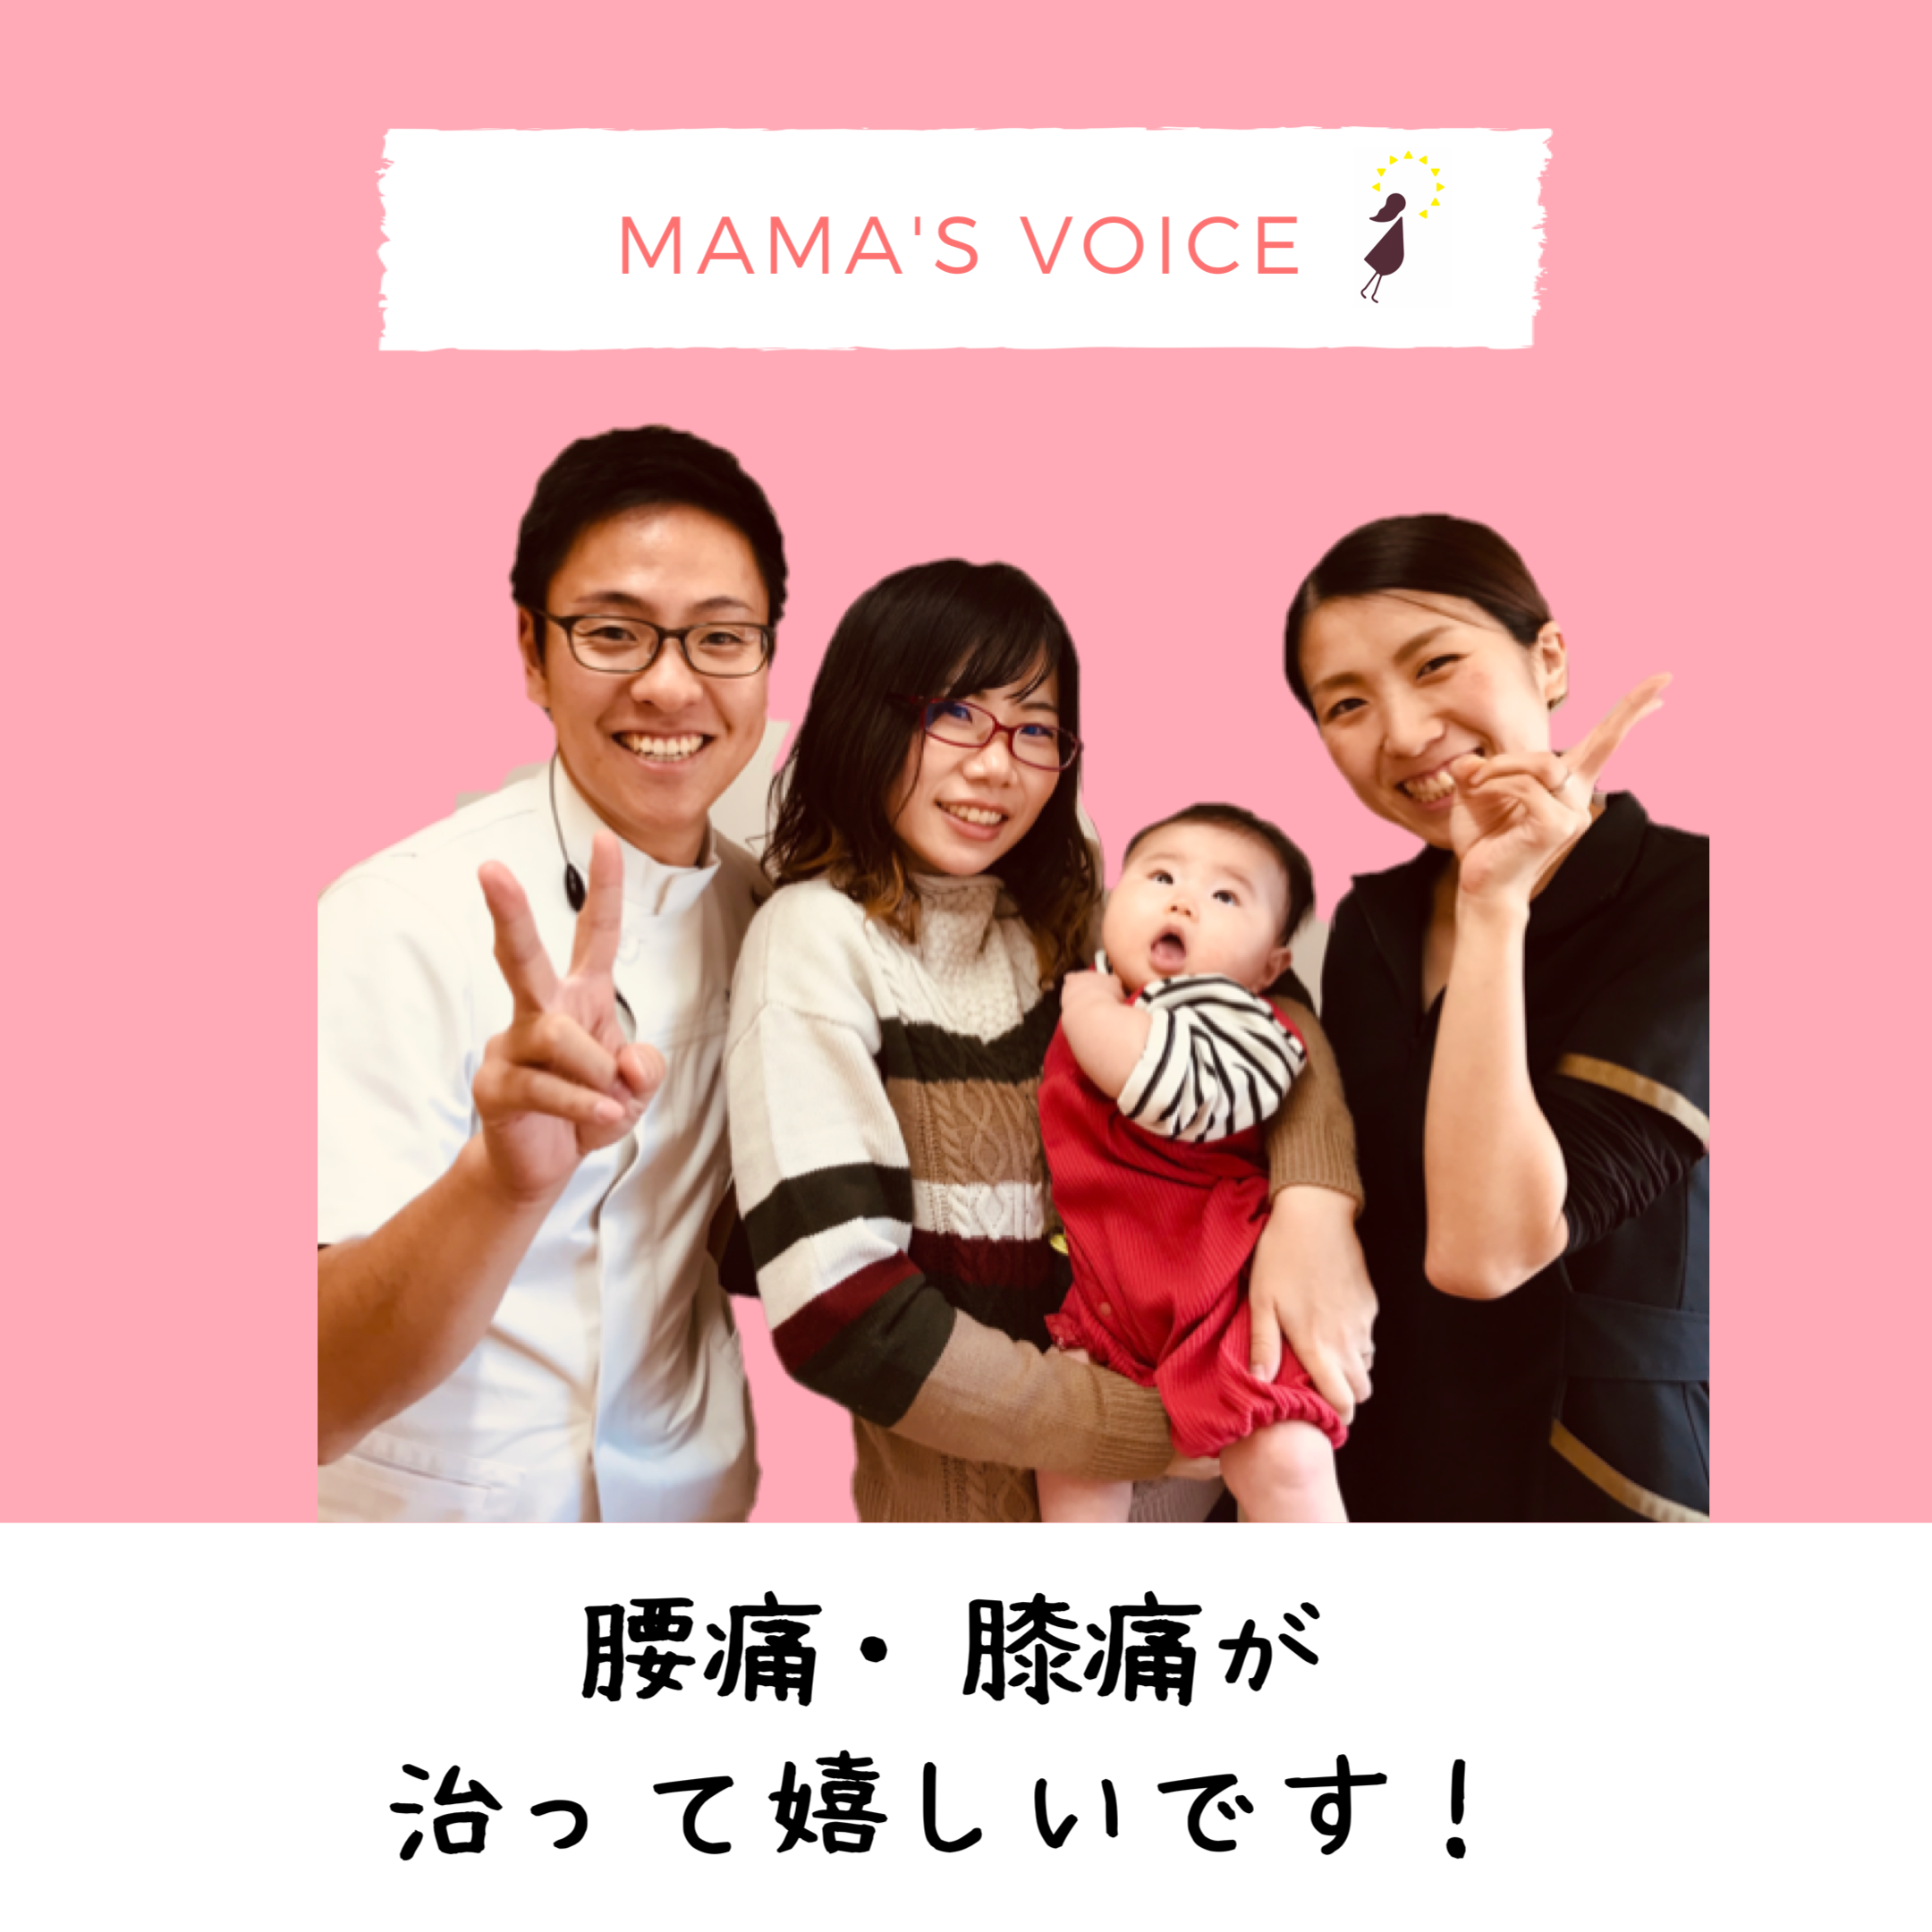 福岡市西区の産前産後専門整体ながさきでマタニティ整体をしてもらって腰痛や膝痛が治り嬉しいです!